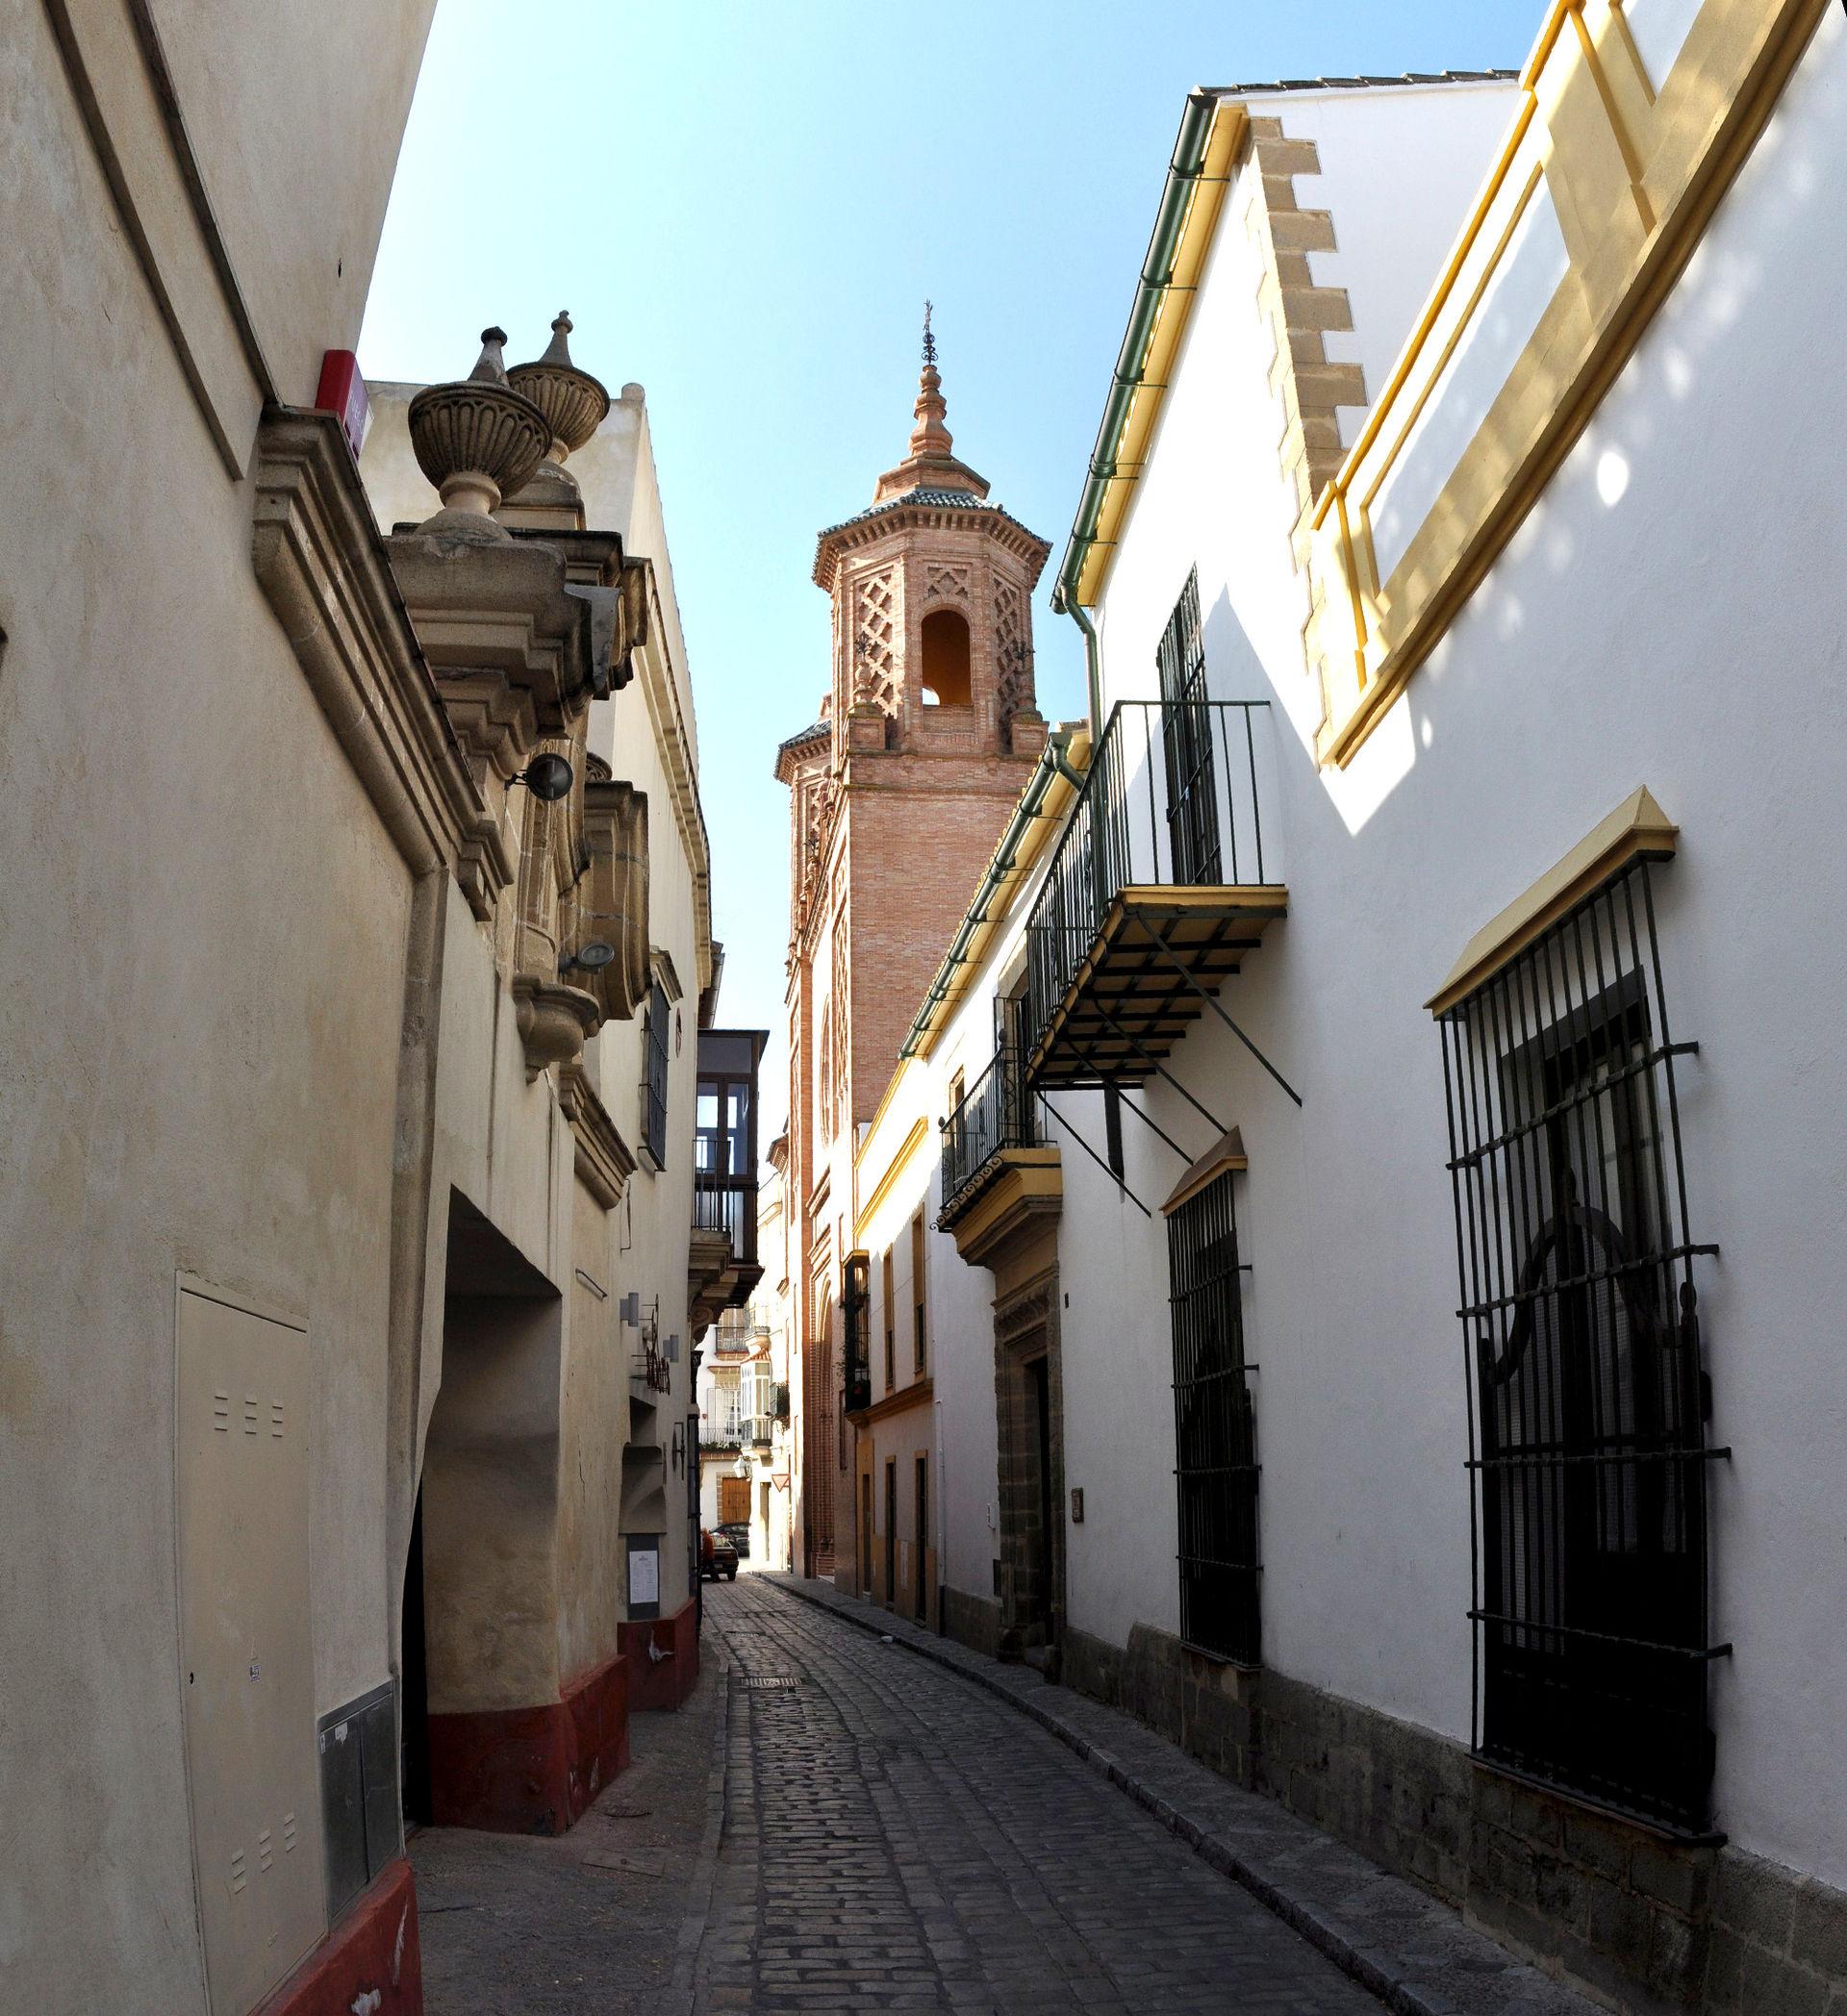 Calle chanciller a wikipedia la enciclopedia libre for Calle prado jerez 3 navacerrada